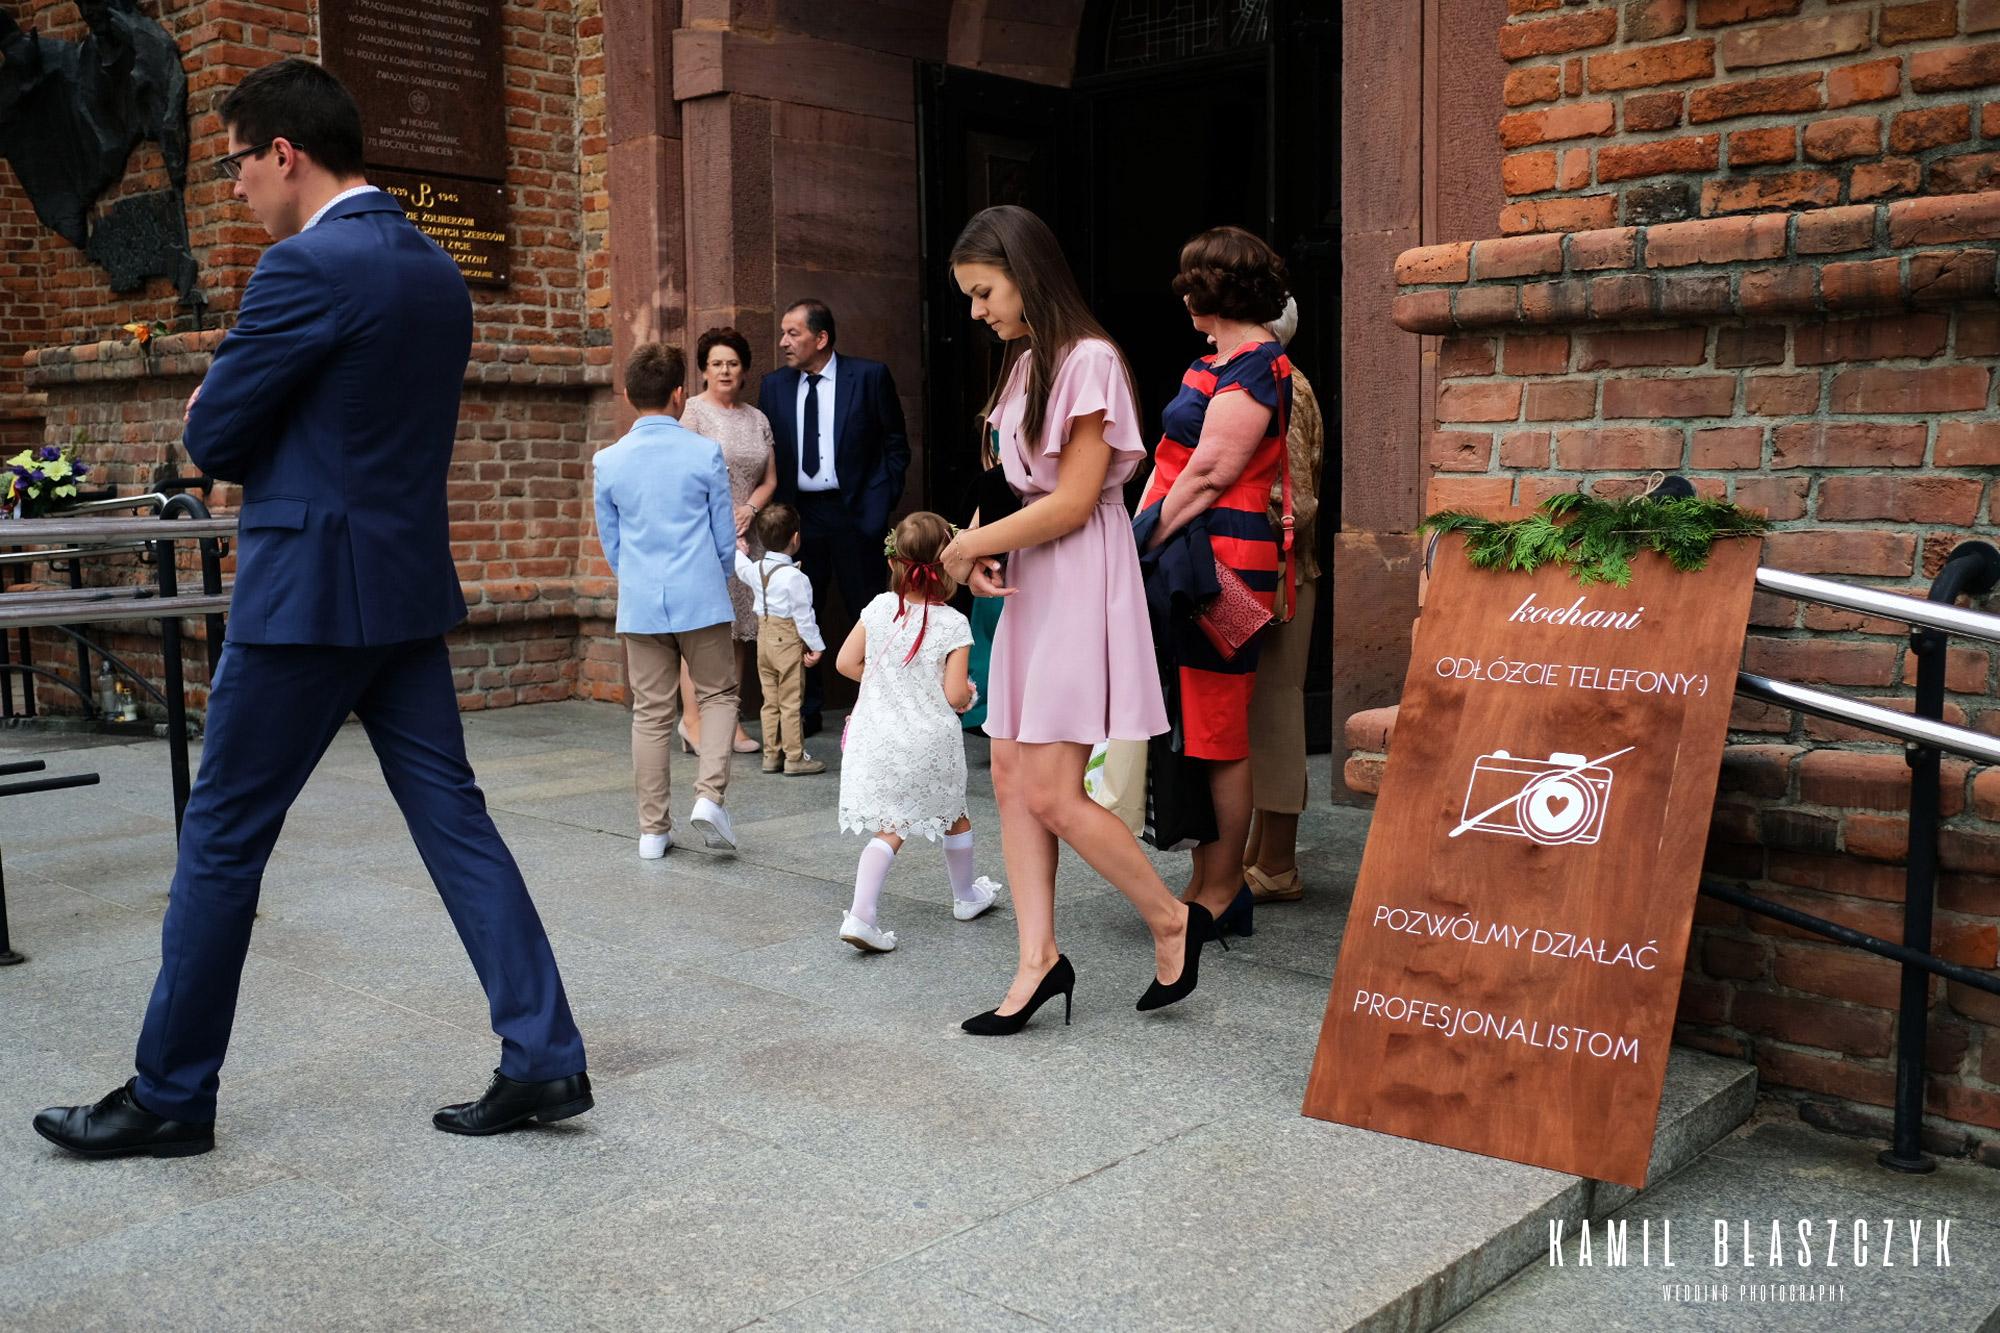 Ludzie wychodzący z kościoła, Wesele unplugged